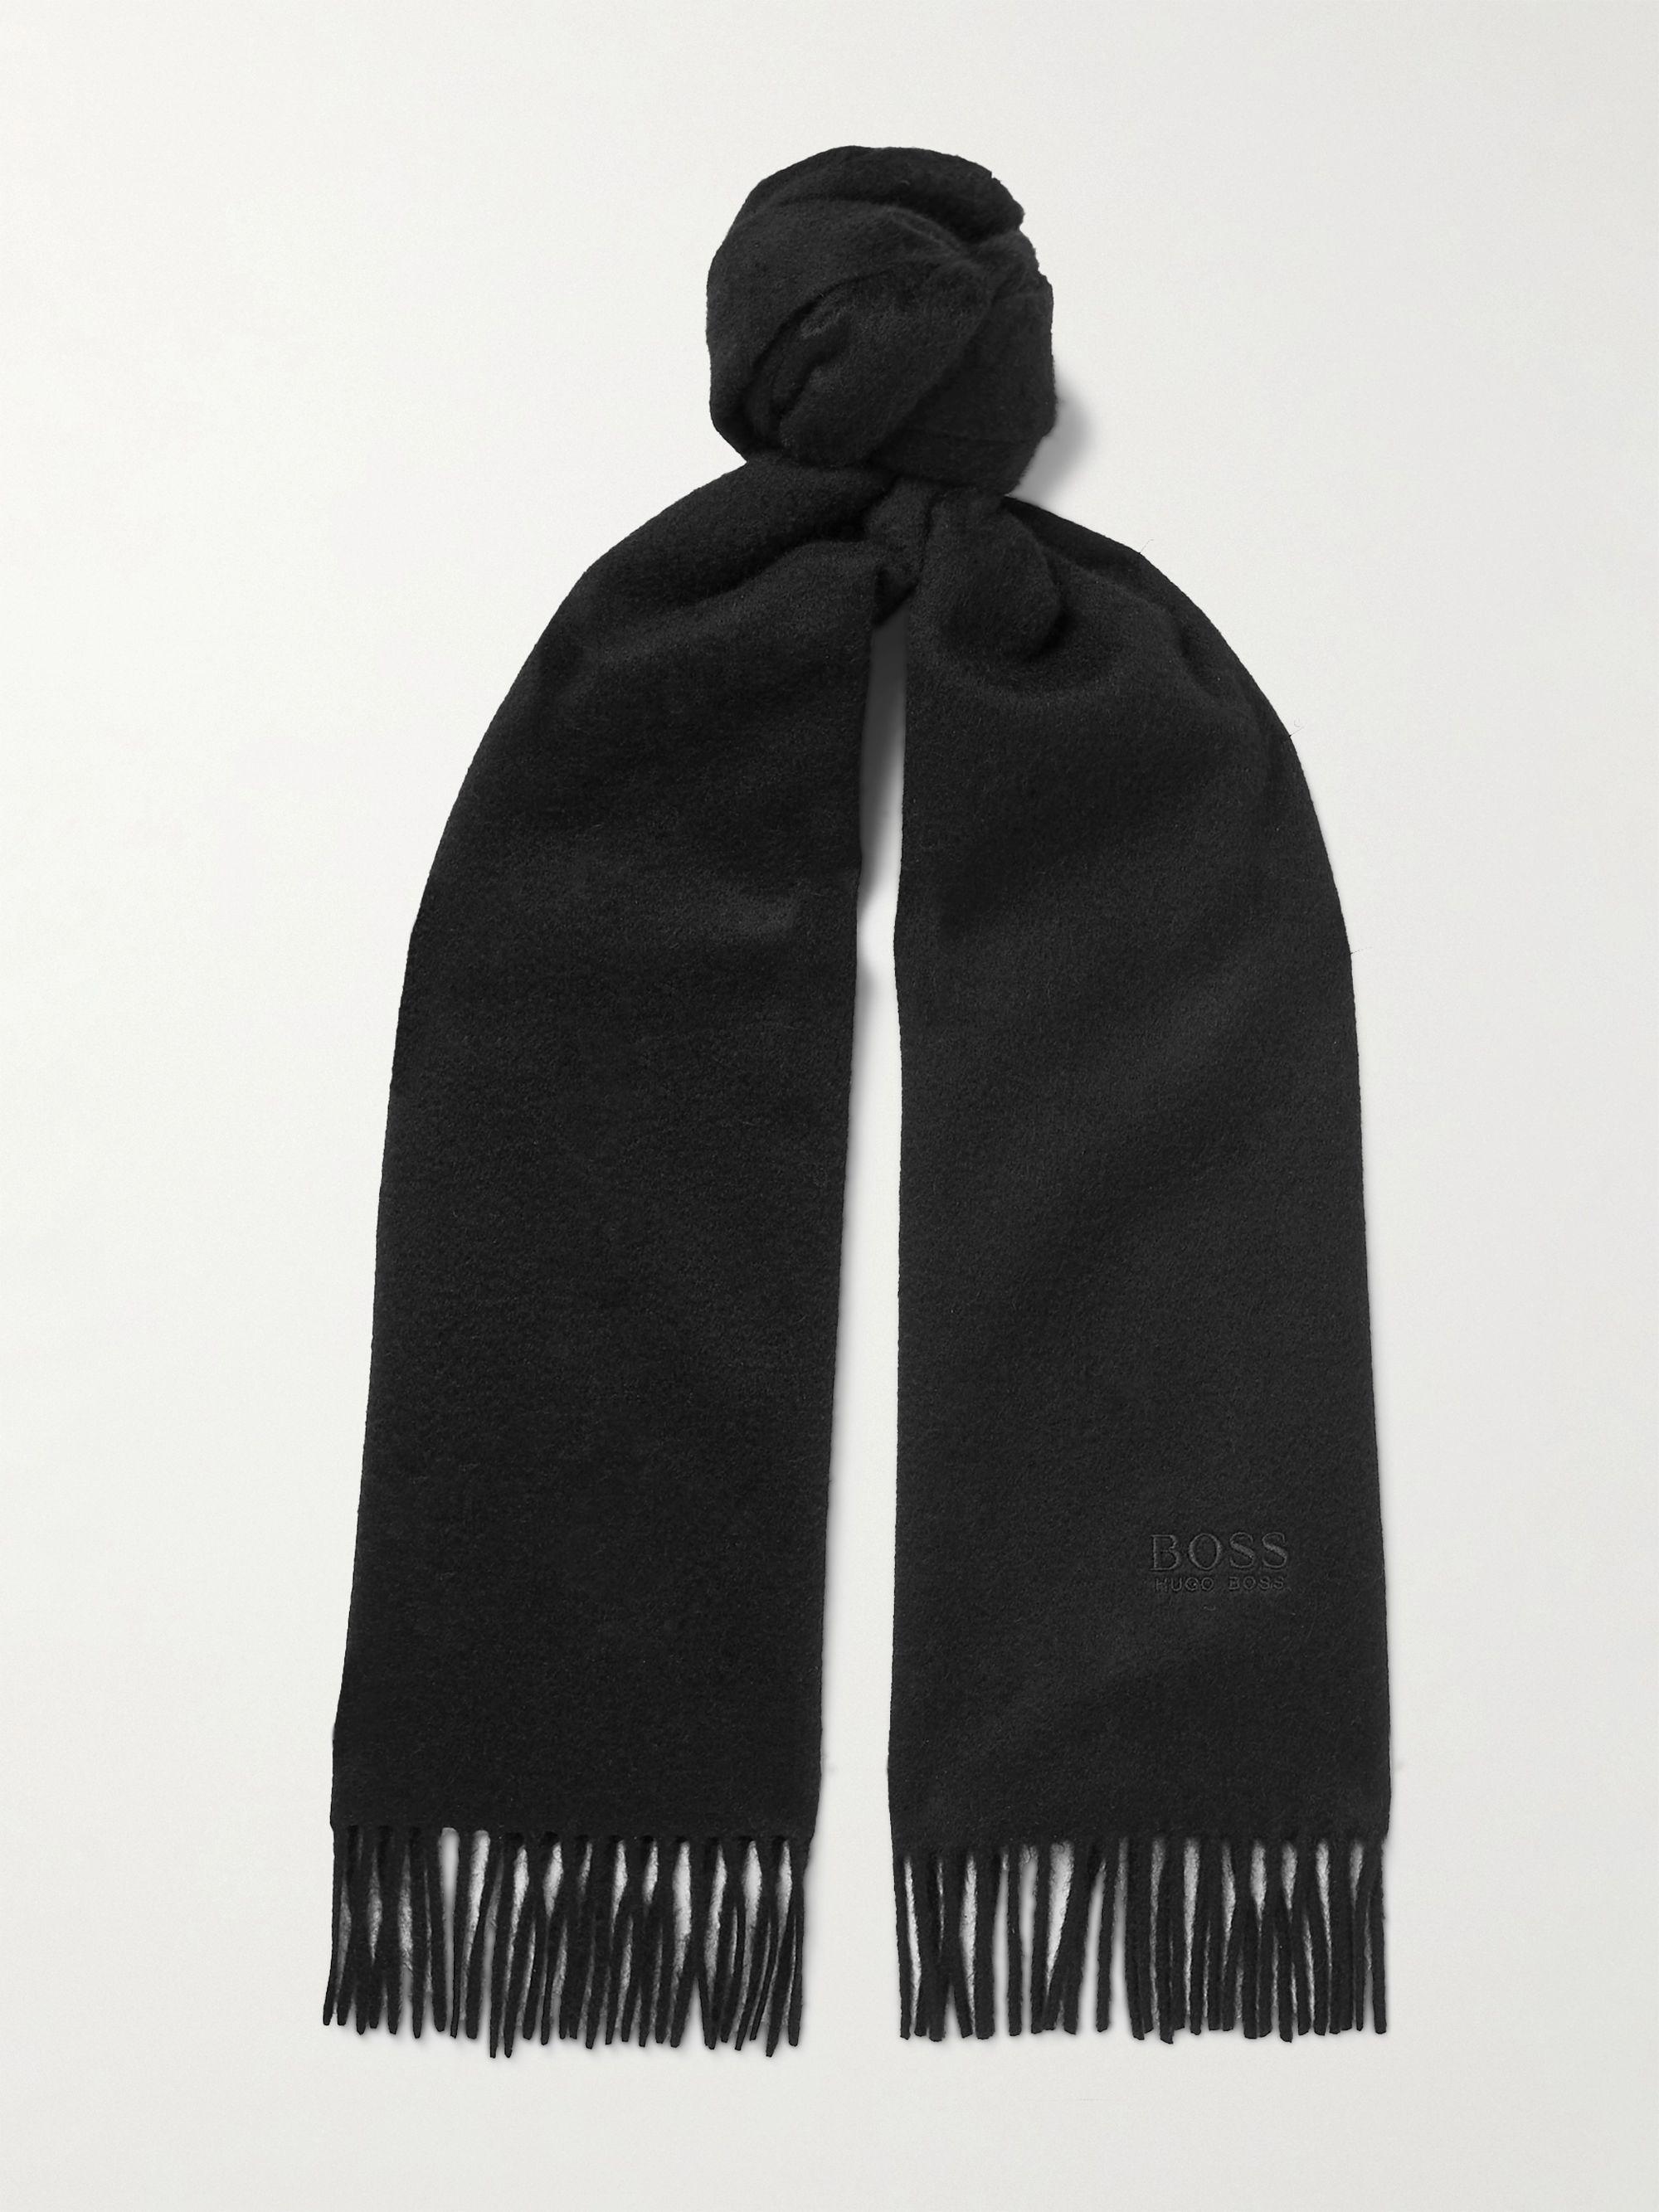 휴고 보스 스카프 Hugo Boss Logo-Embroidered Fringed Cashmere Scarf,Black